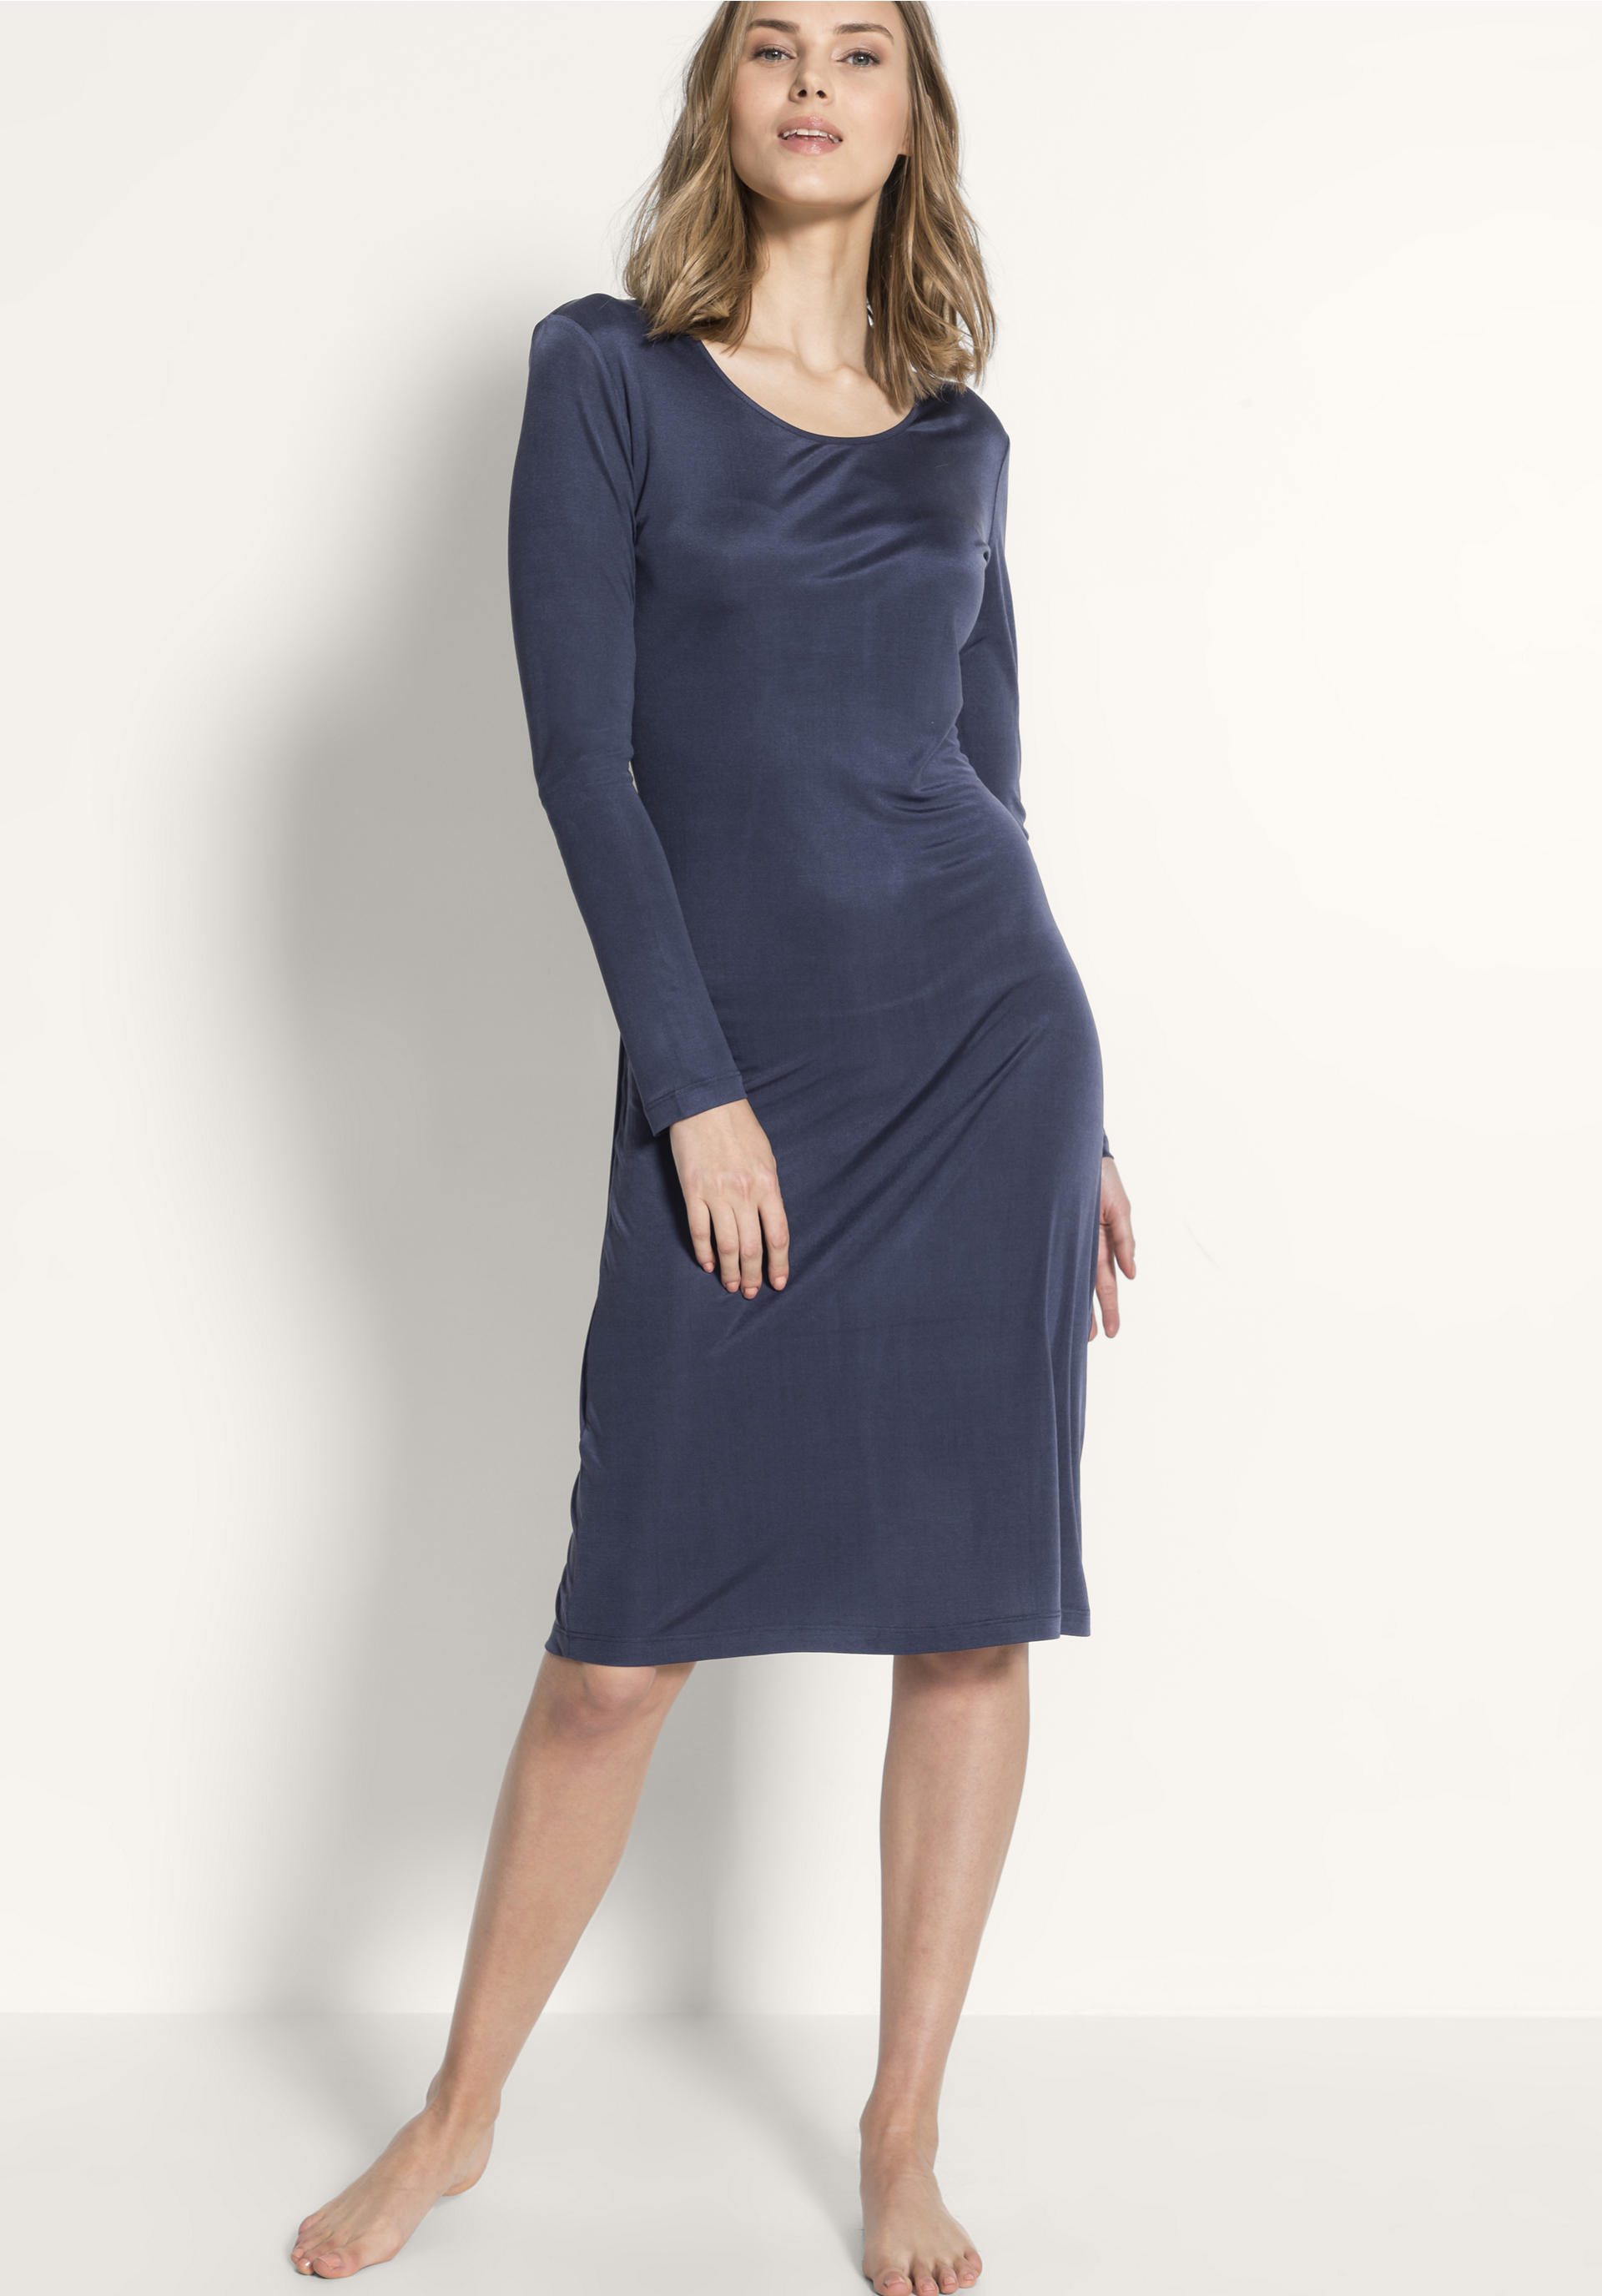 factory price 2ad49 98e76 Damen Nachthemd aus reiner Bio-Seide von hessnatur